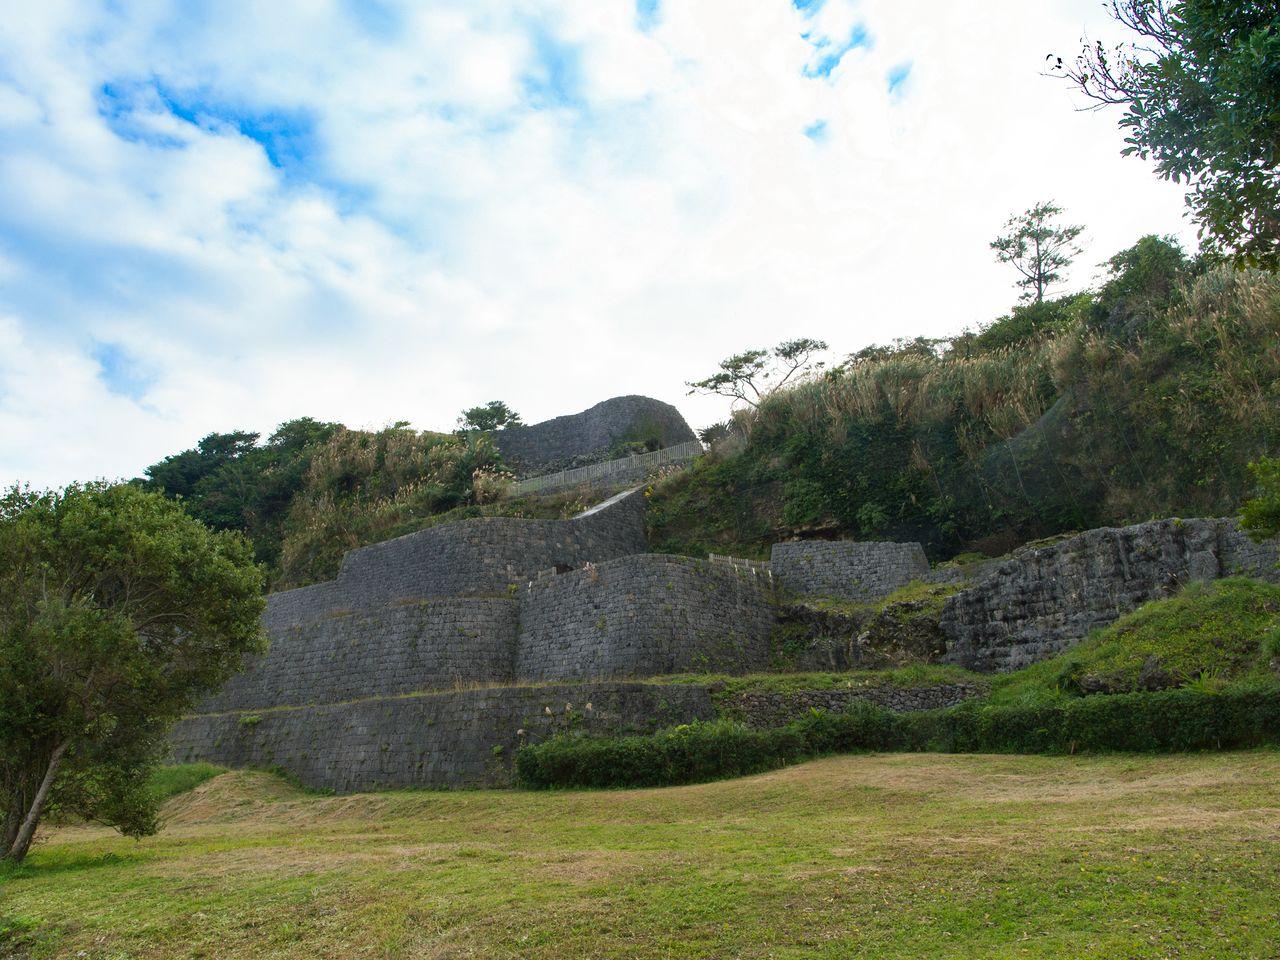 Руины замка Урасоэ гусуку входят в состав разбитого на холмах парка Урасоэ. На местном диалекте «гусуку» – это «замок». Руины мощных каменных стен производят незабываемое впечатление